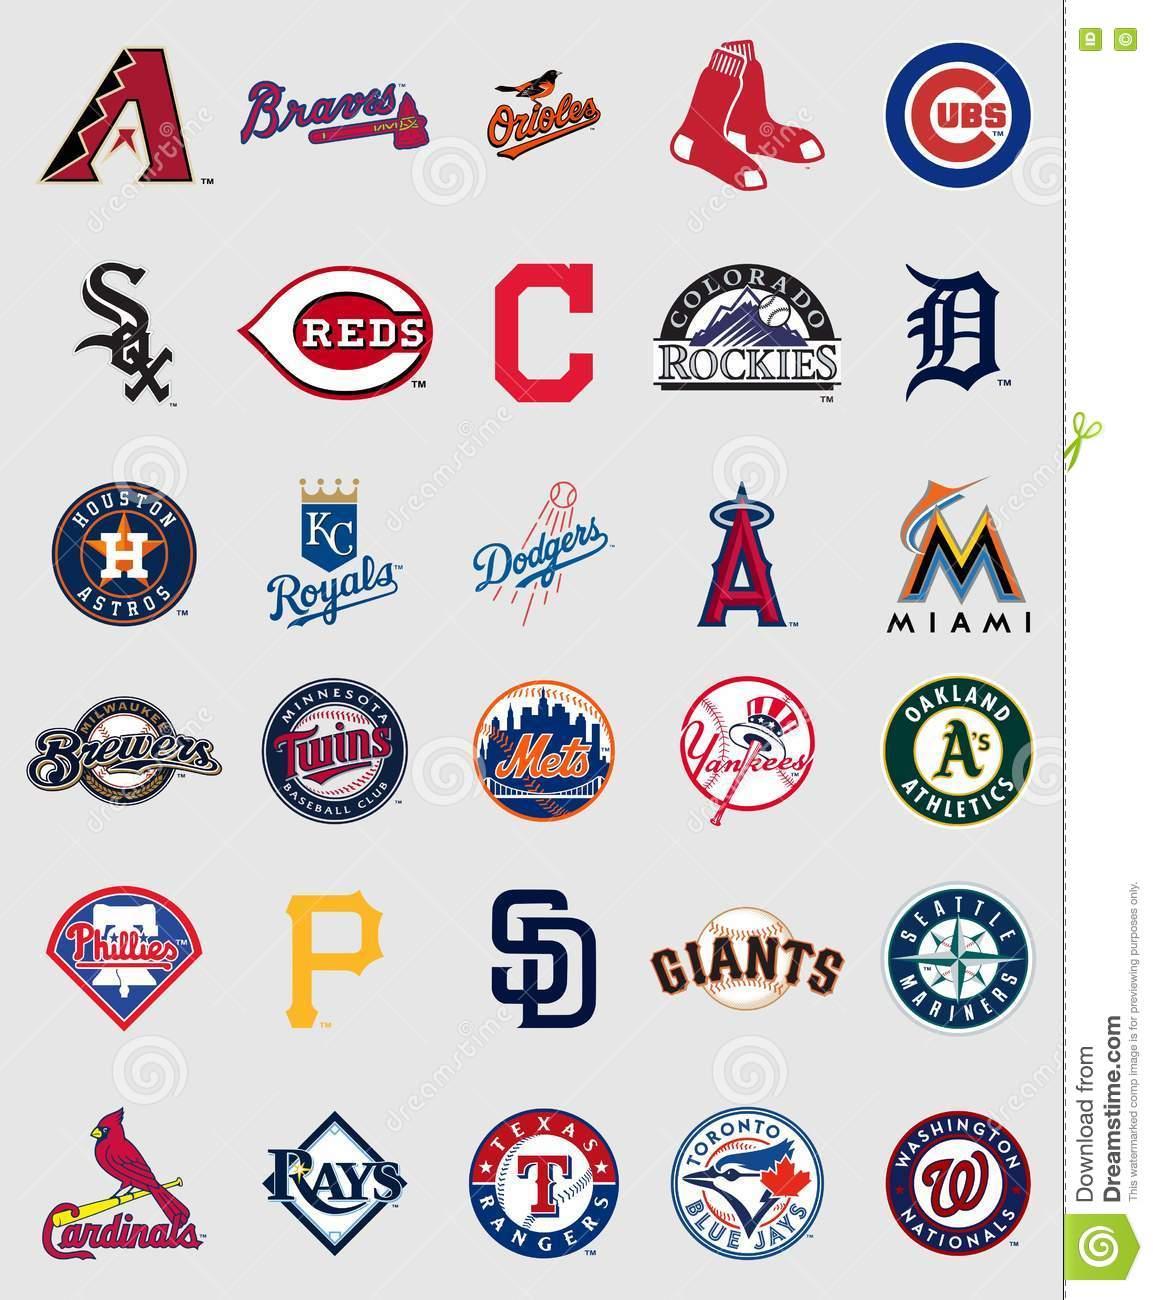 Major League Baseball Logos Editorial Stock Photo.